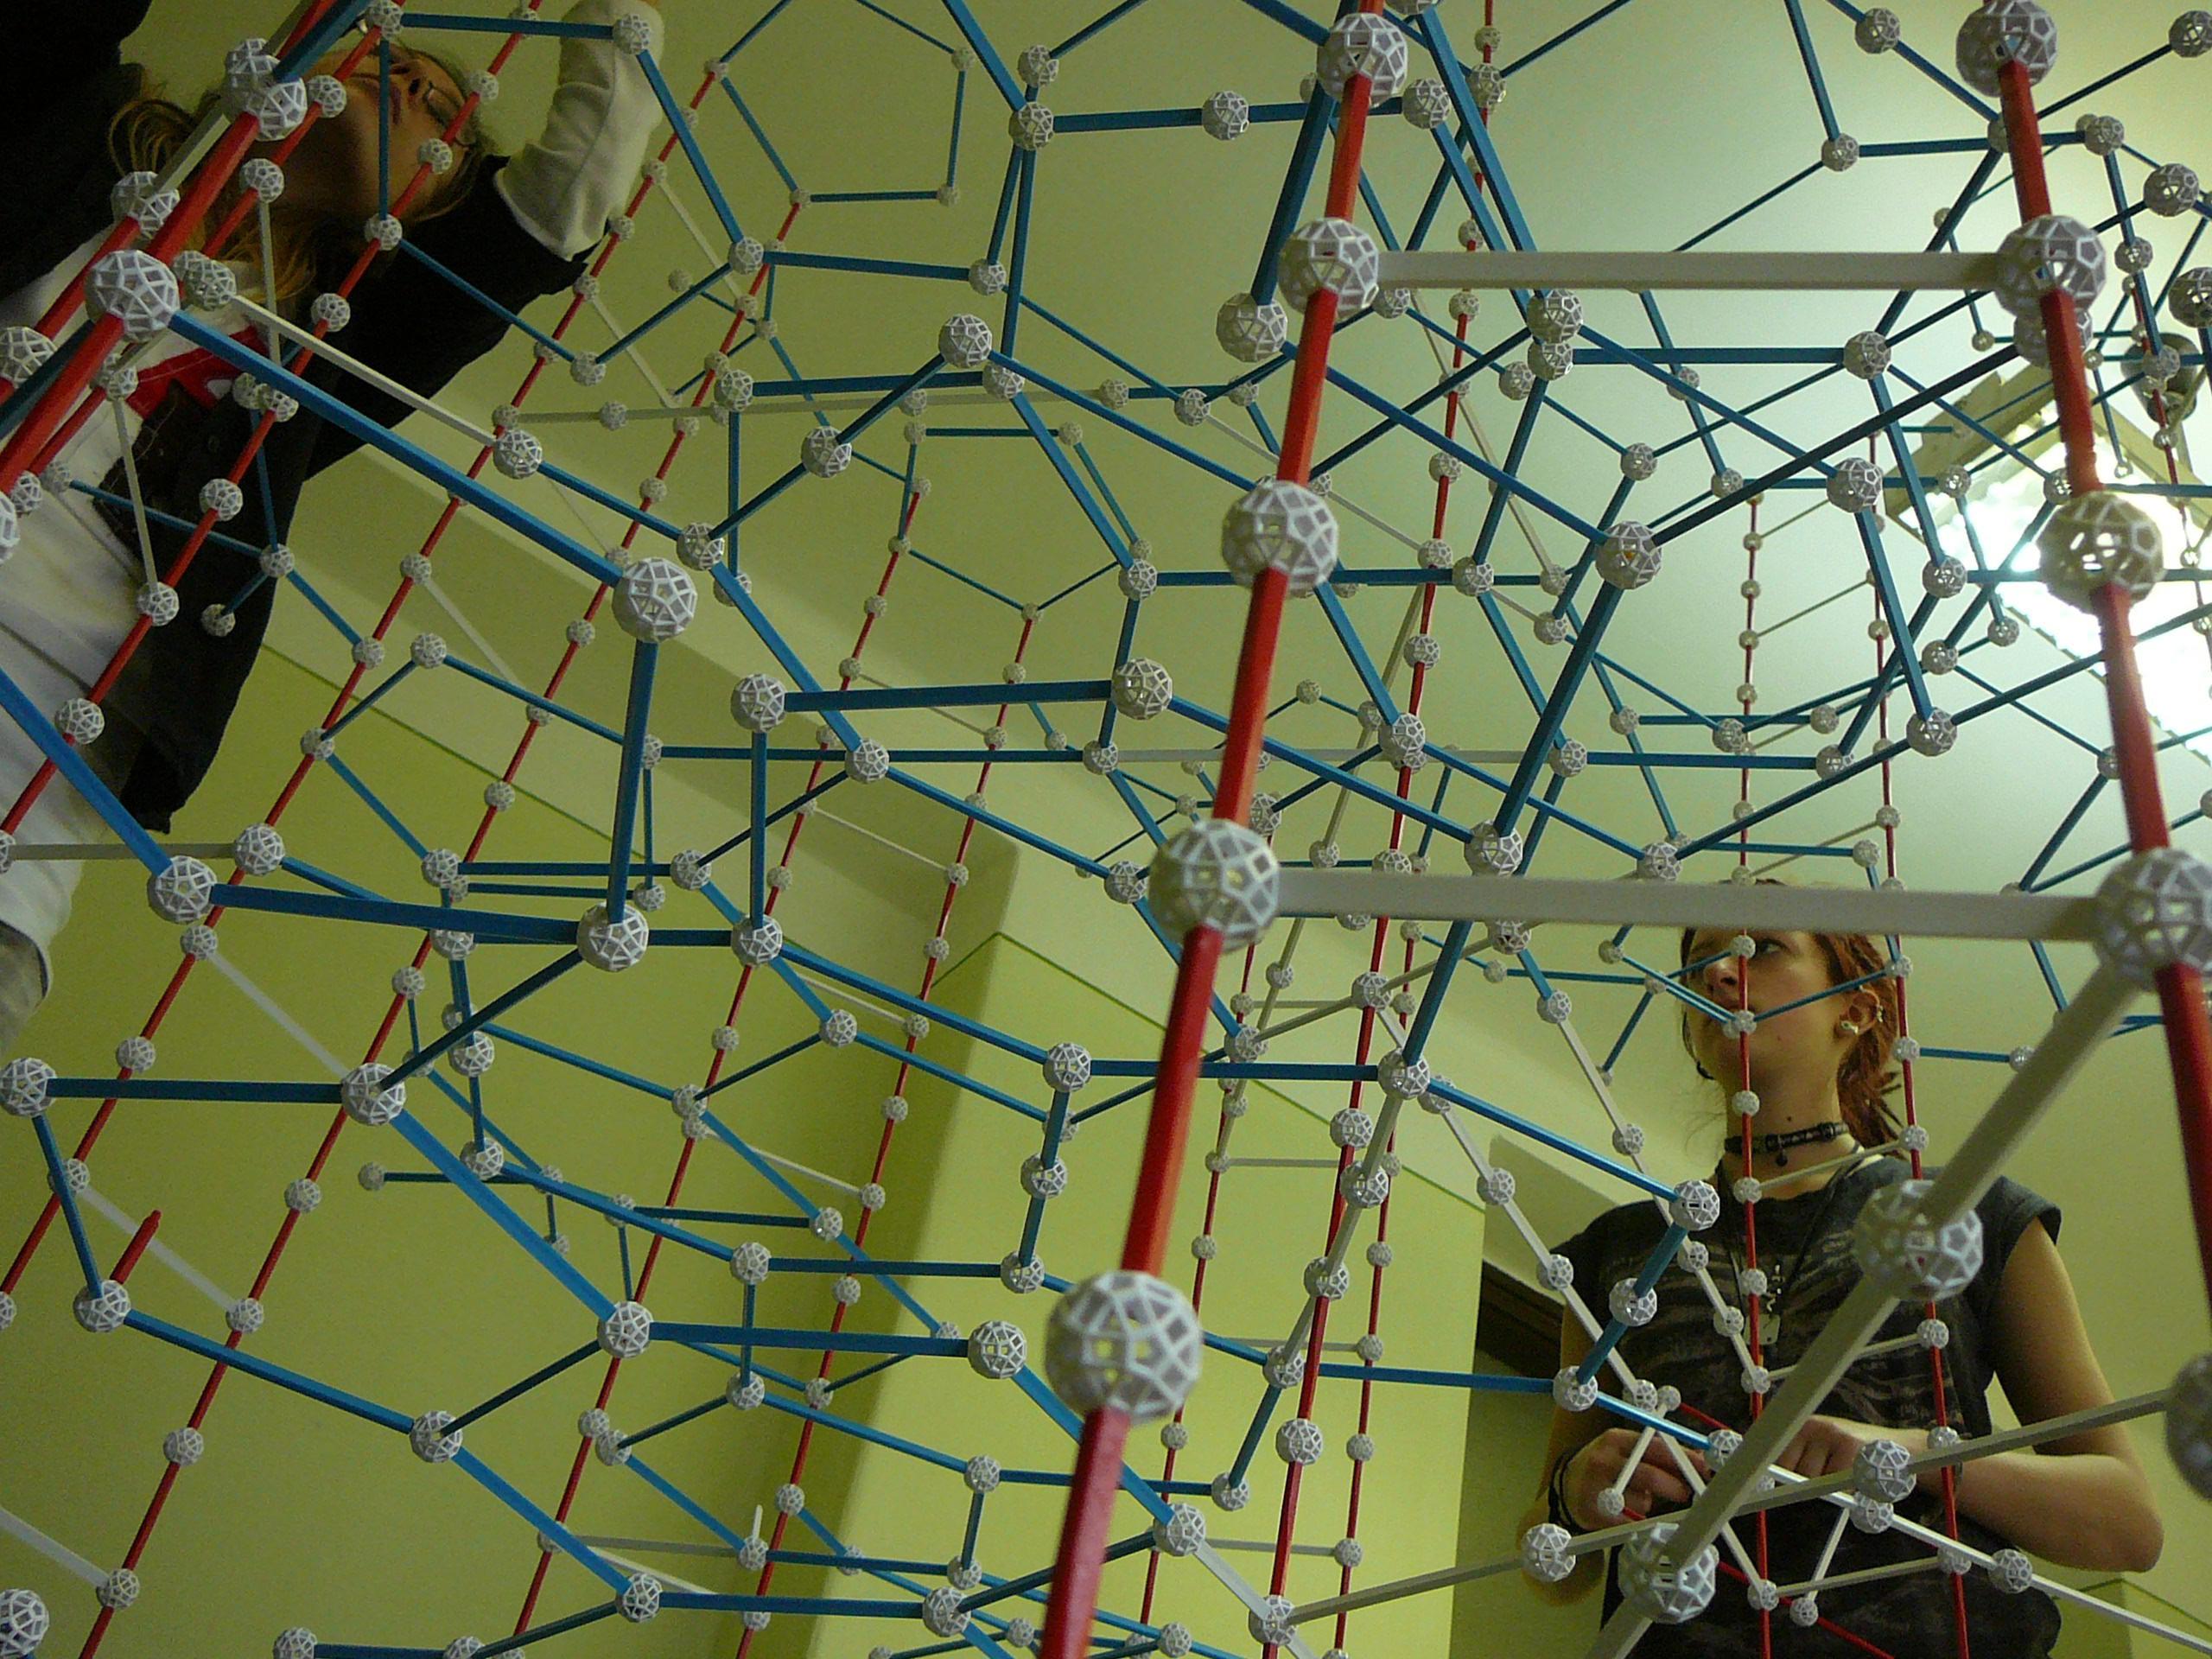 Óriás DNS-spirál Zometool-ból az ÉlményMűhellyel